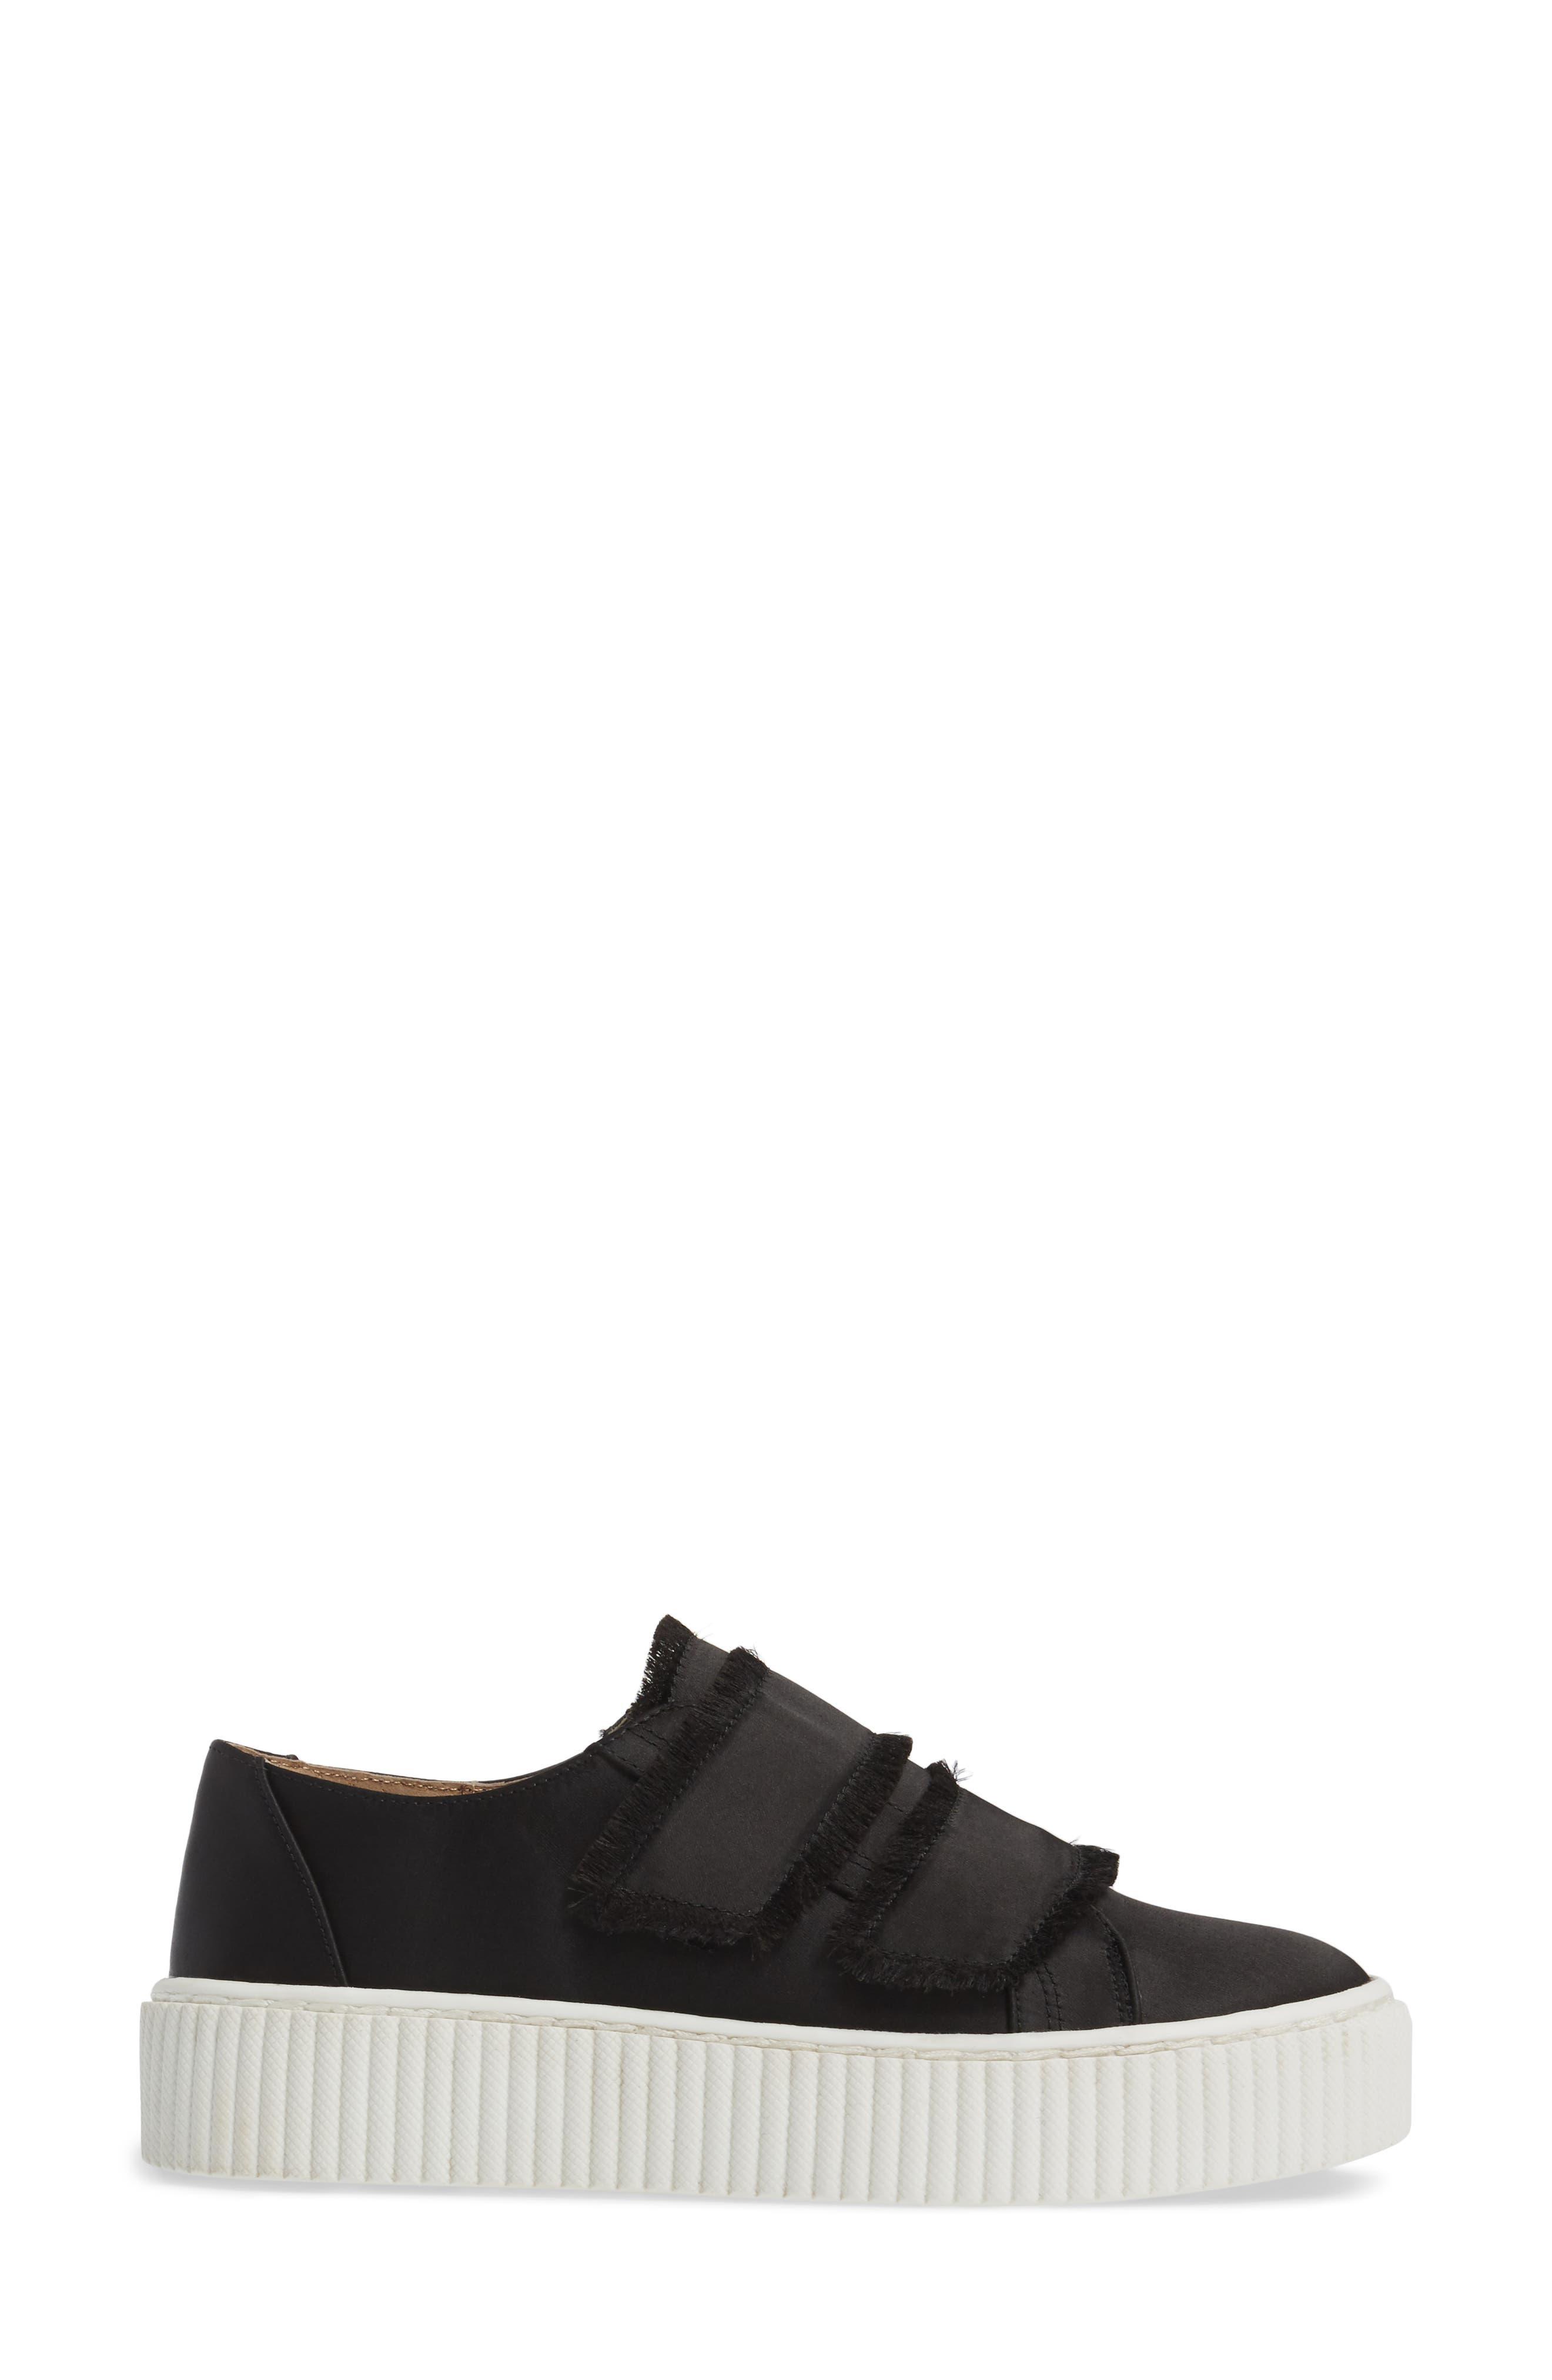 Alternate Image 3  - Shellys London Elder Fringed Platform Sneaker (Women)